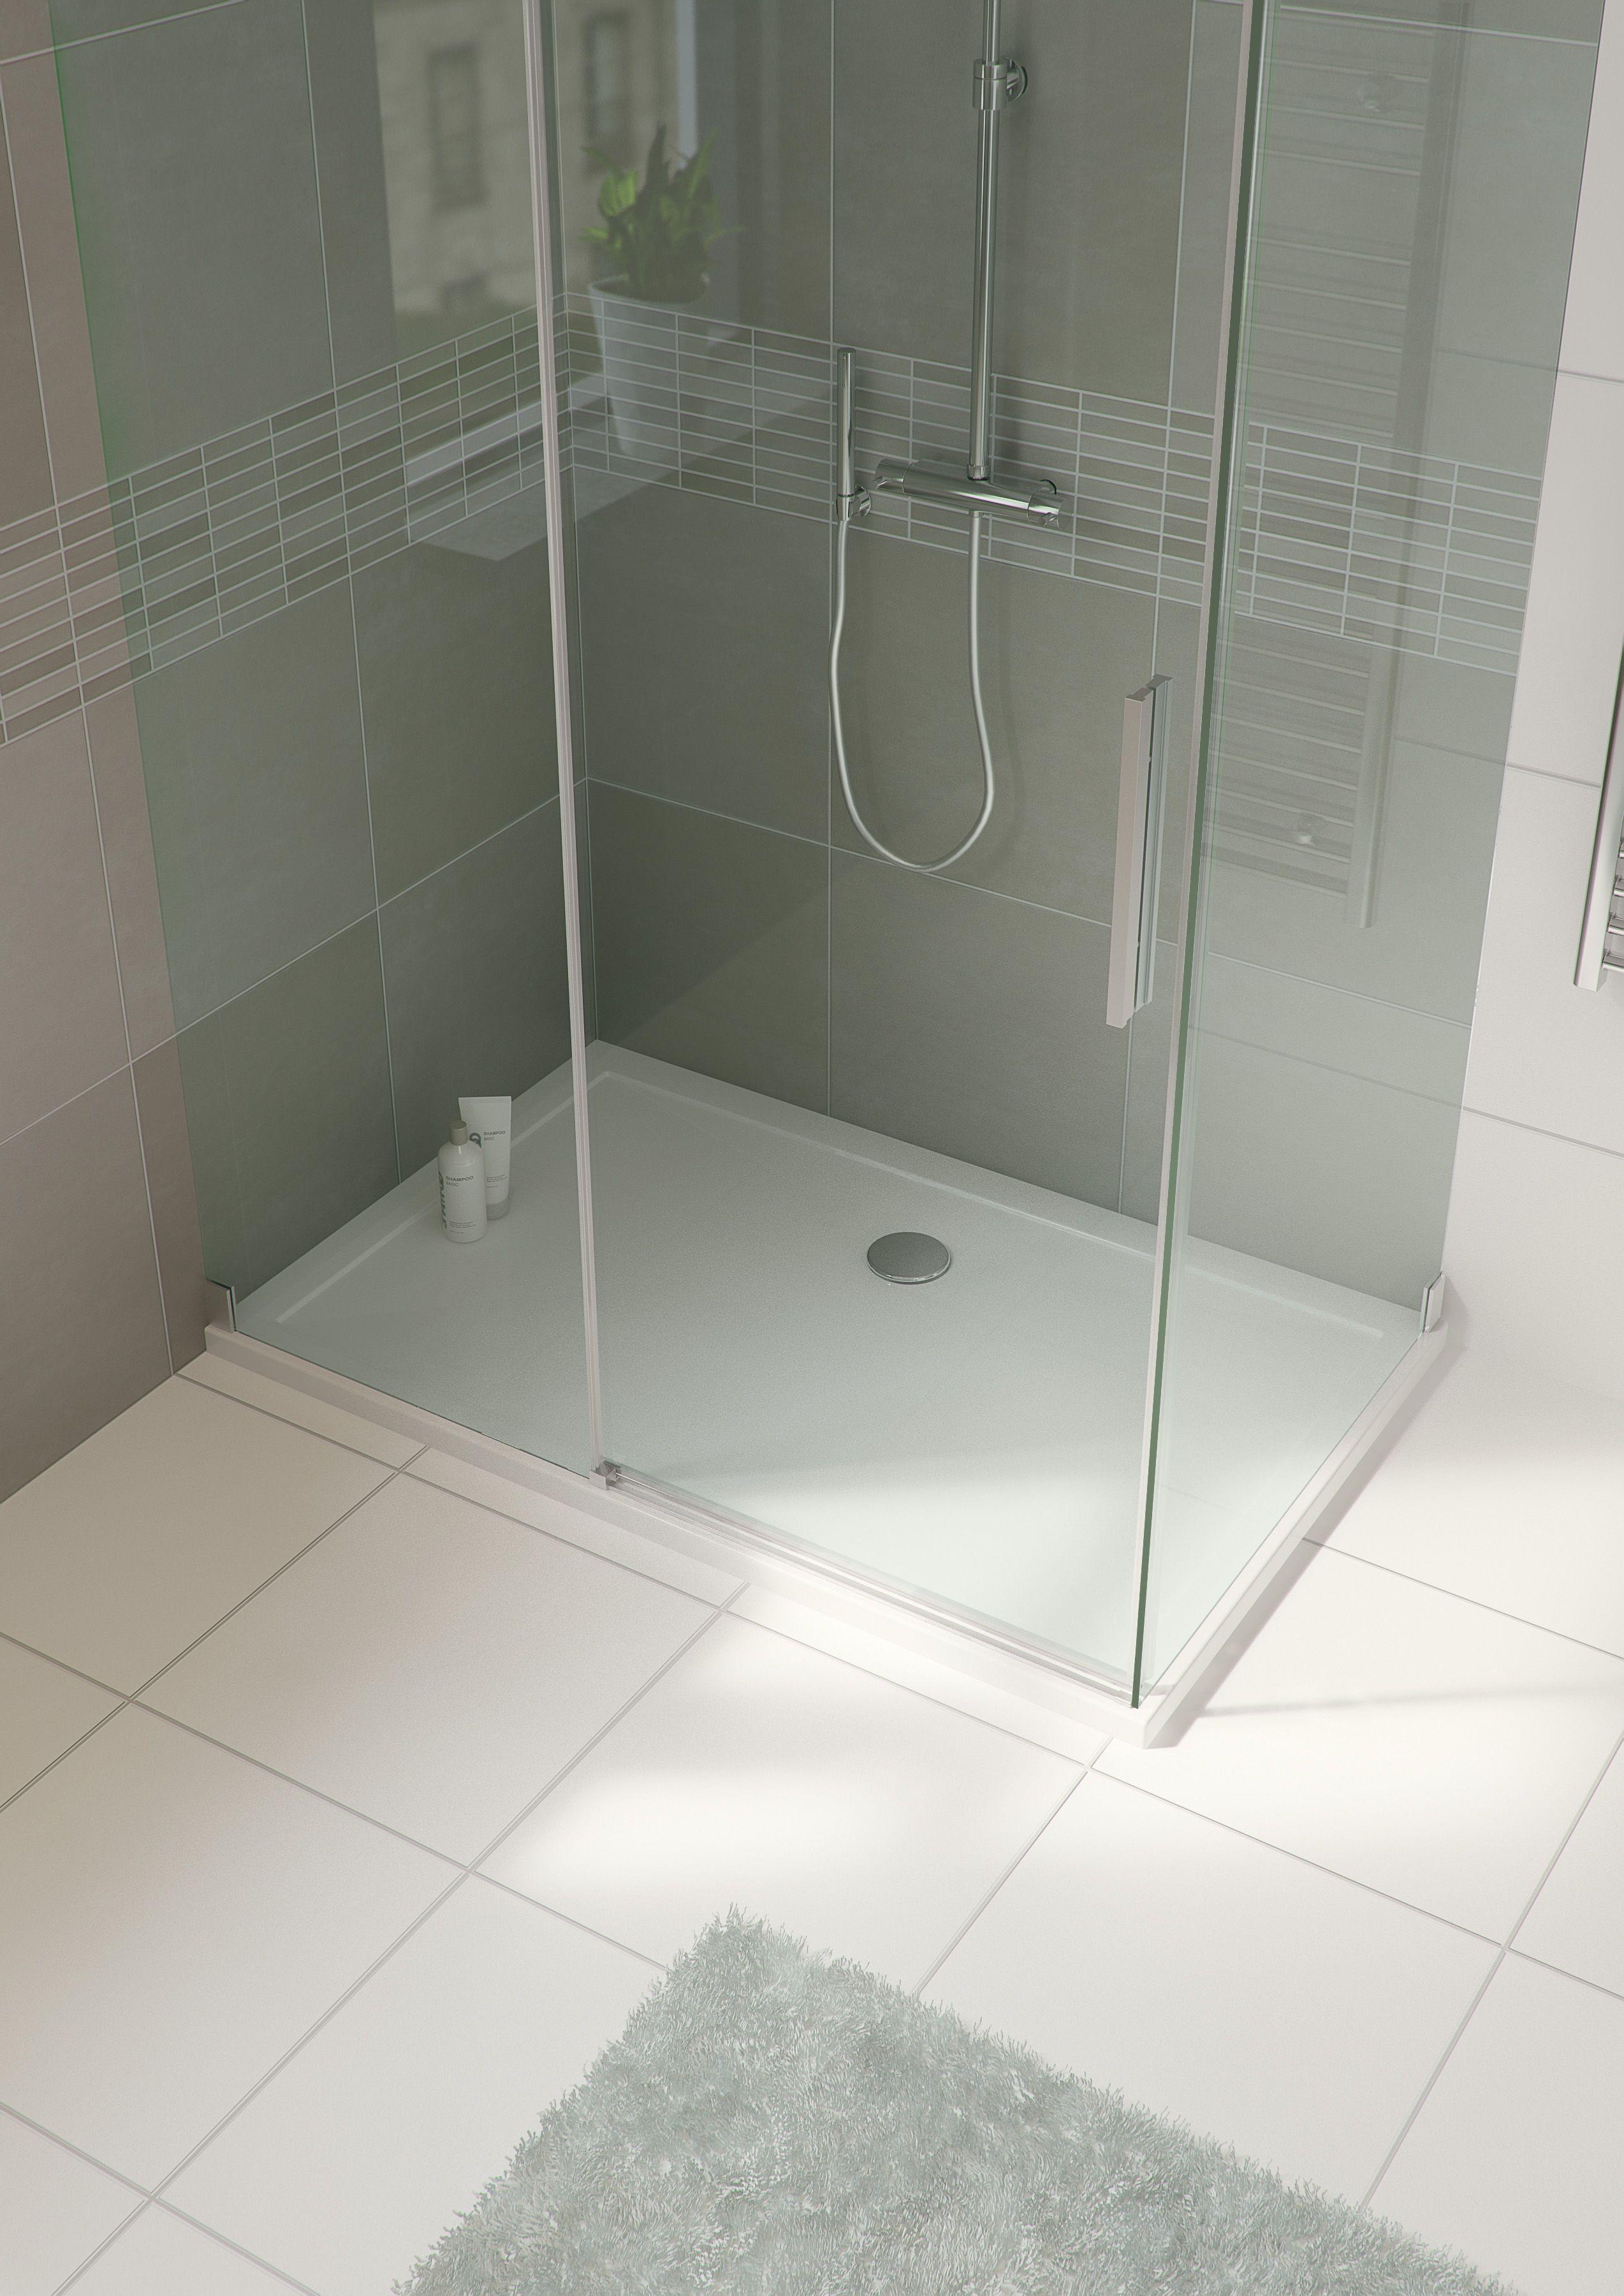 Bruynzeel Zeno Schuifdeur Enkel Douche Douchecabine Badkamer Sanitair Bathroom Shower